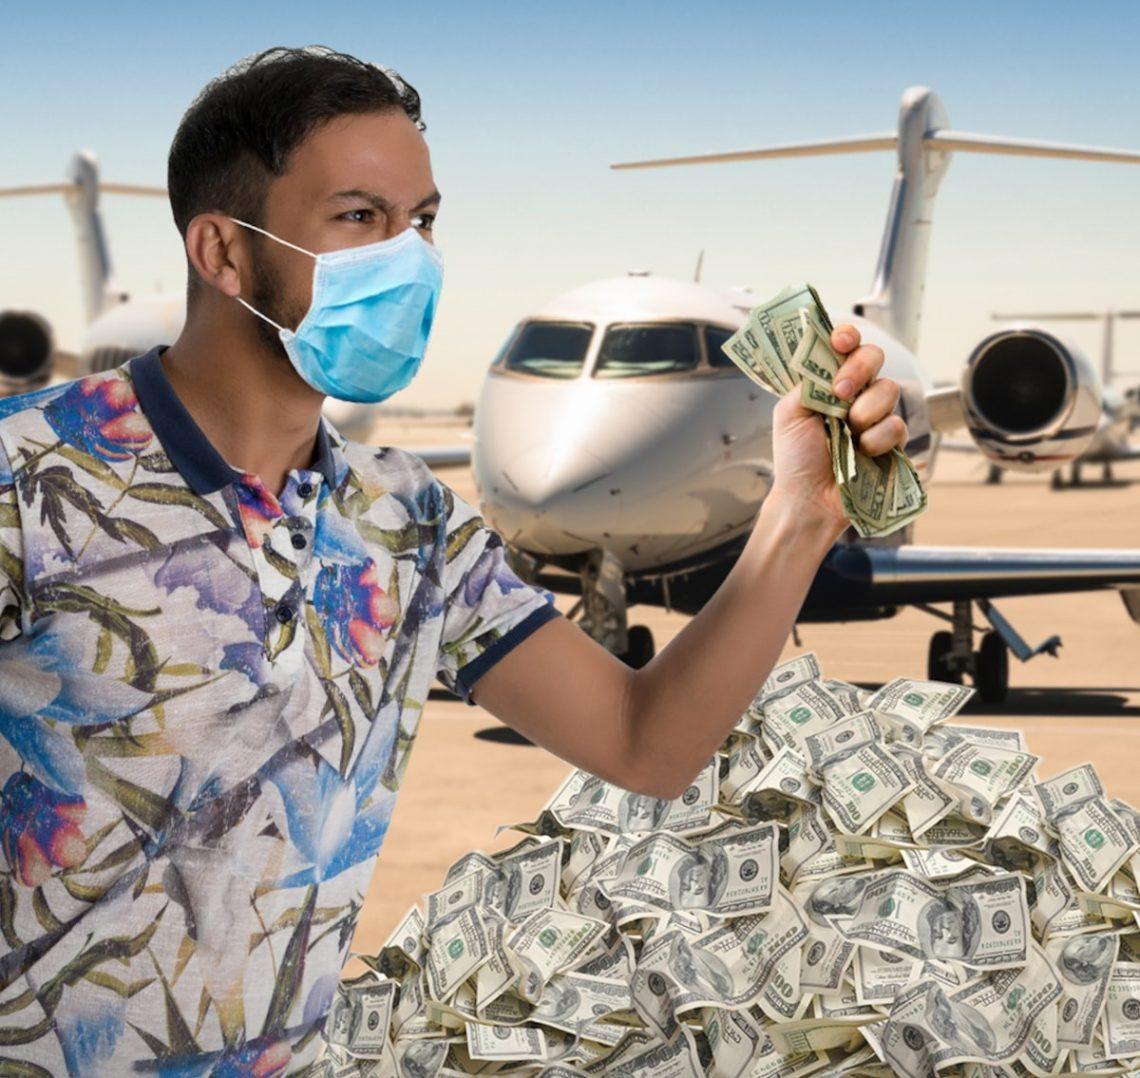 Industri jet peribadi siap untuk pemulihan yang cepat apabila penumpang beralih ke penerbangan peribadi untuk menurunkan risiko COVID-19